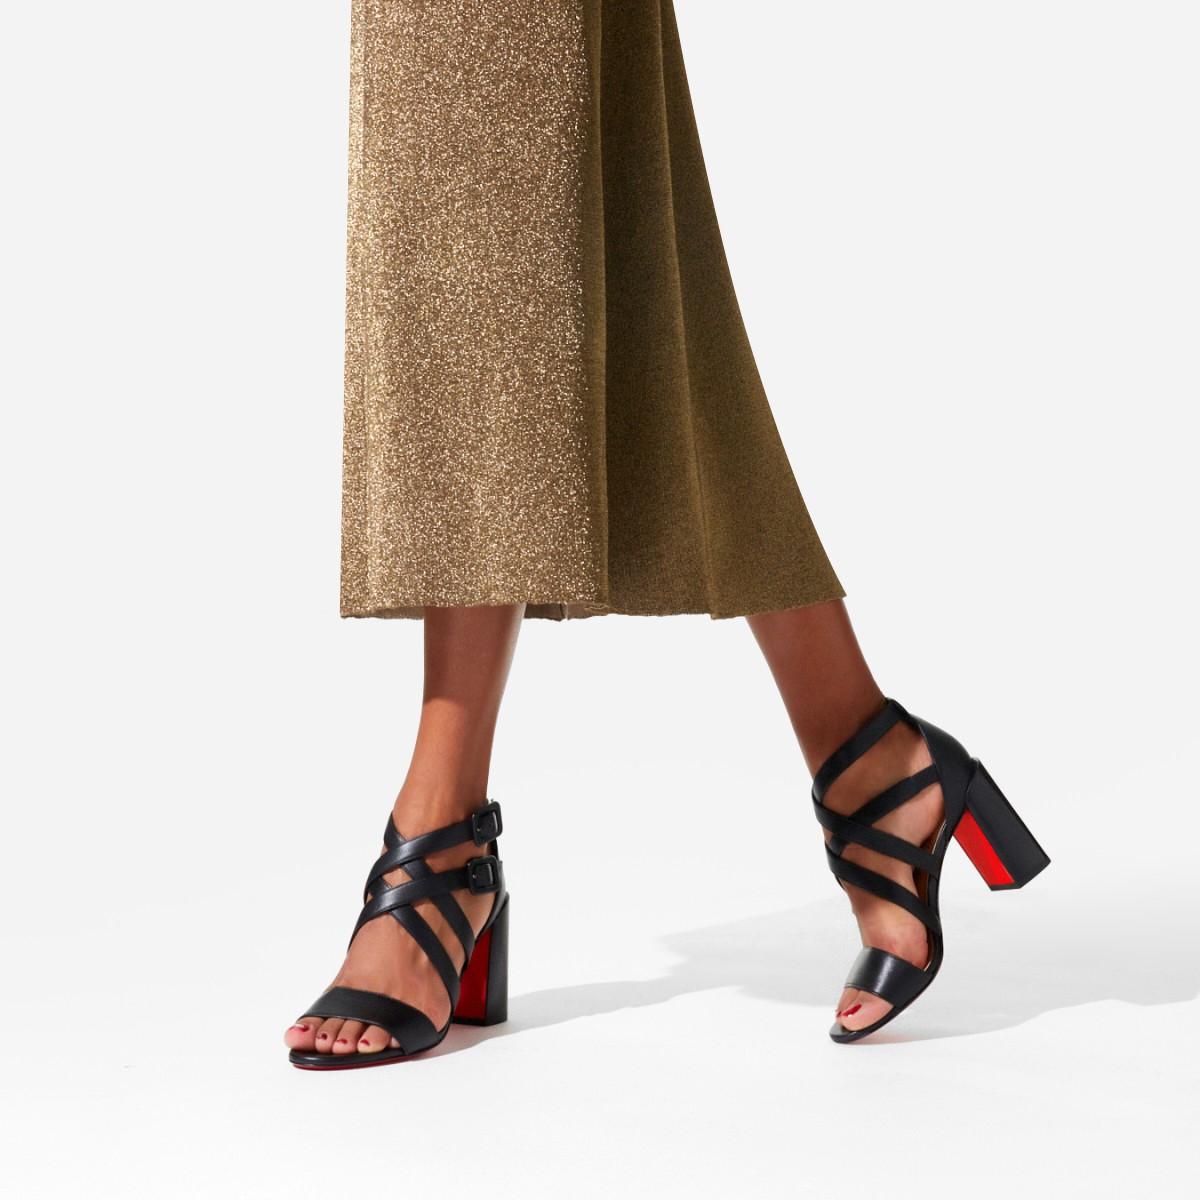 Shoes - Zefira - Christian Louboutin